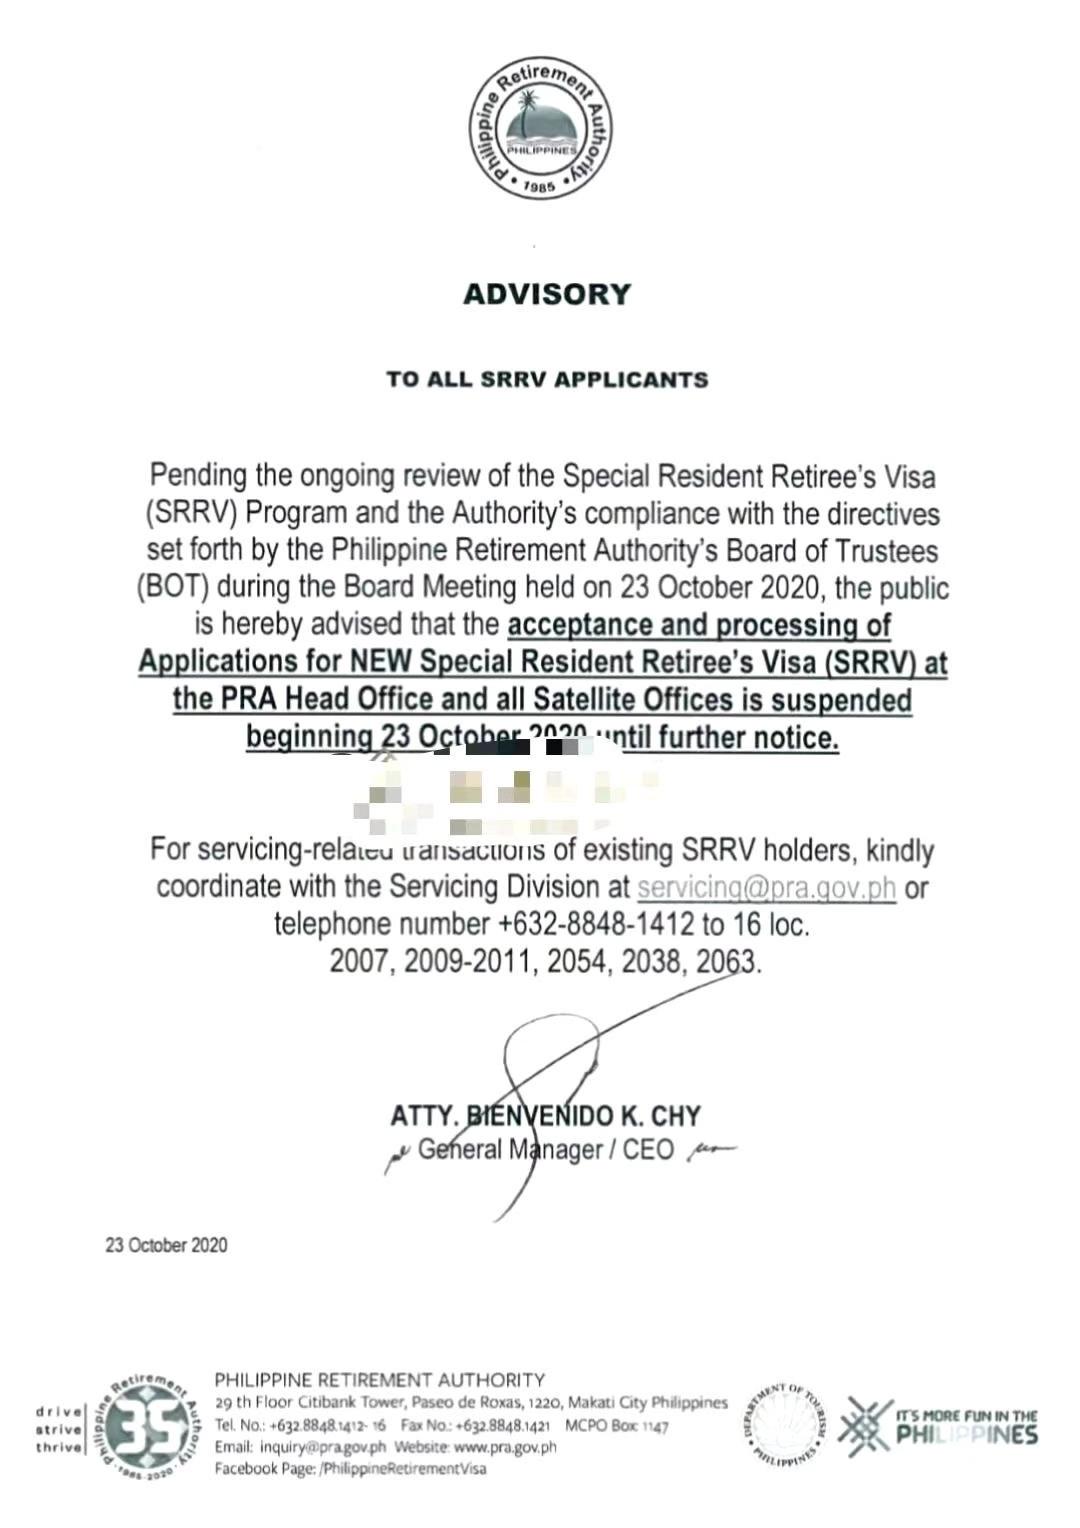 菲律宾SRRV2020.10.23起暂停申请